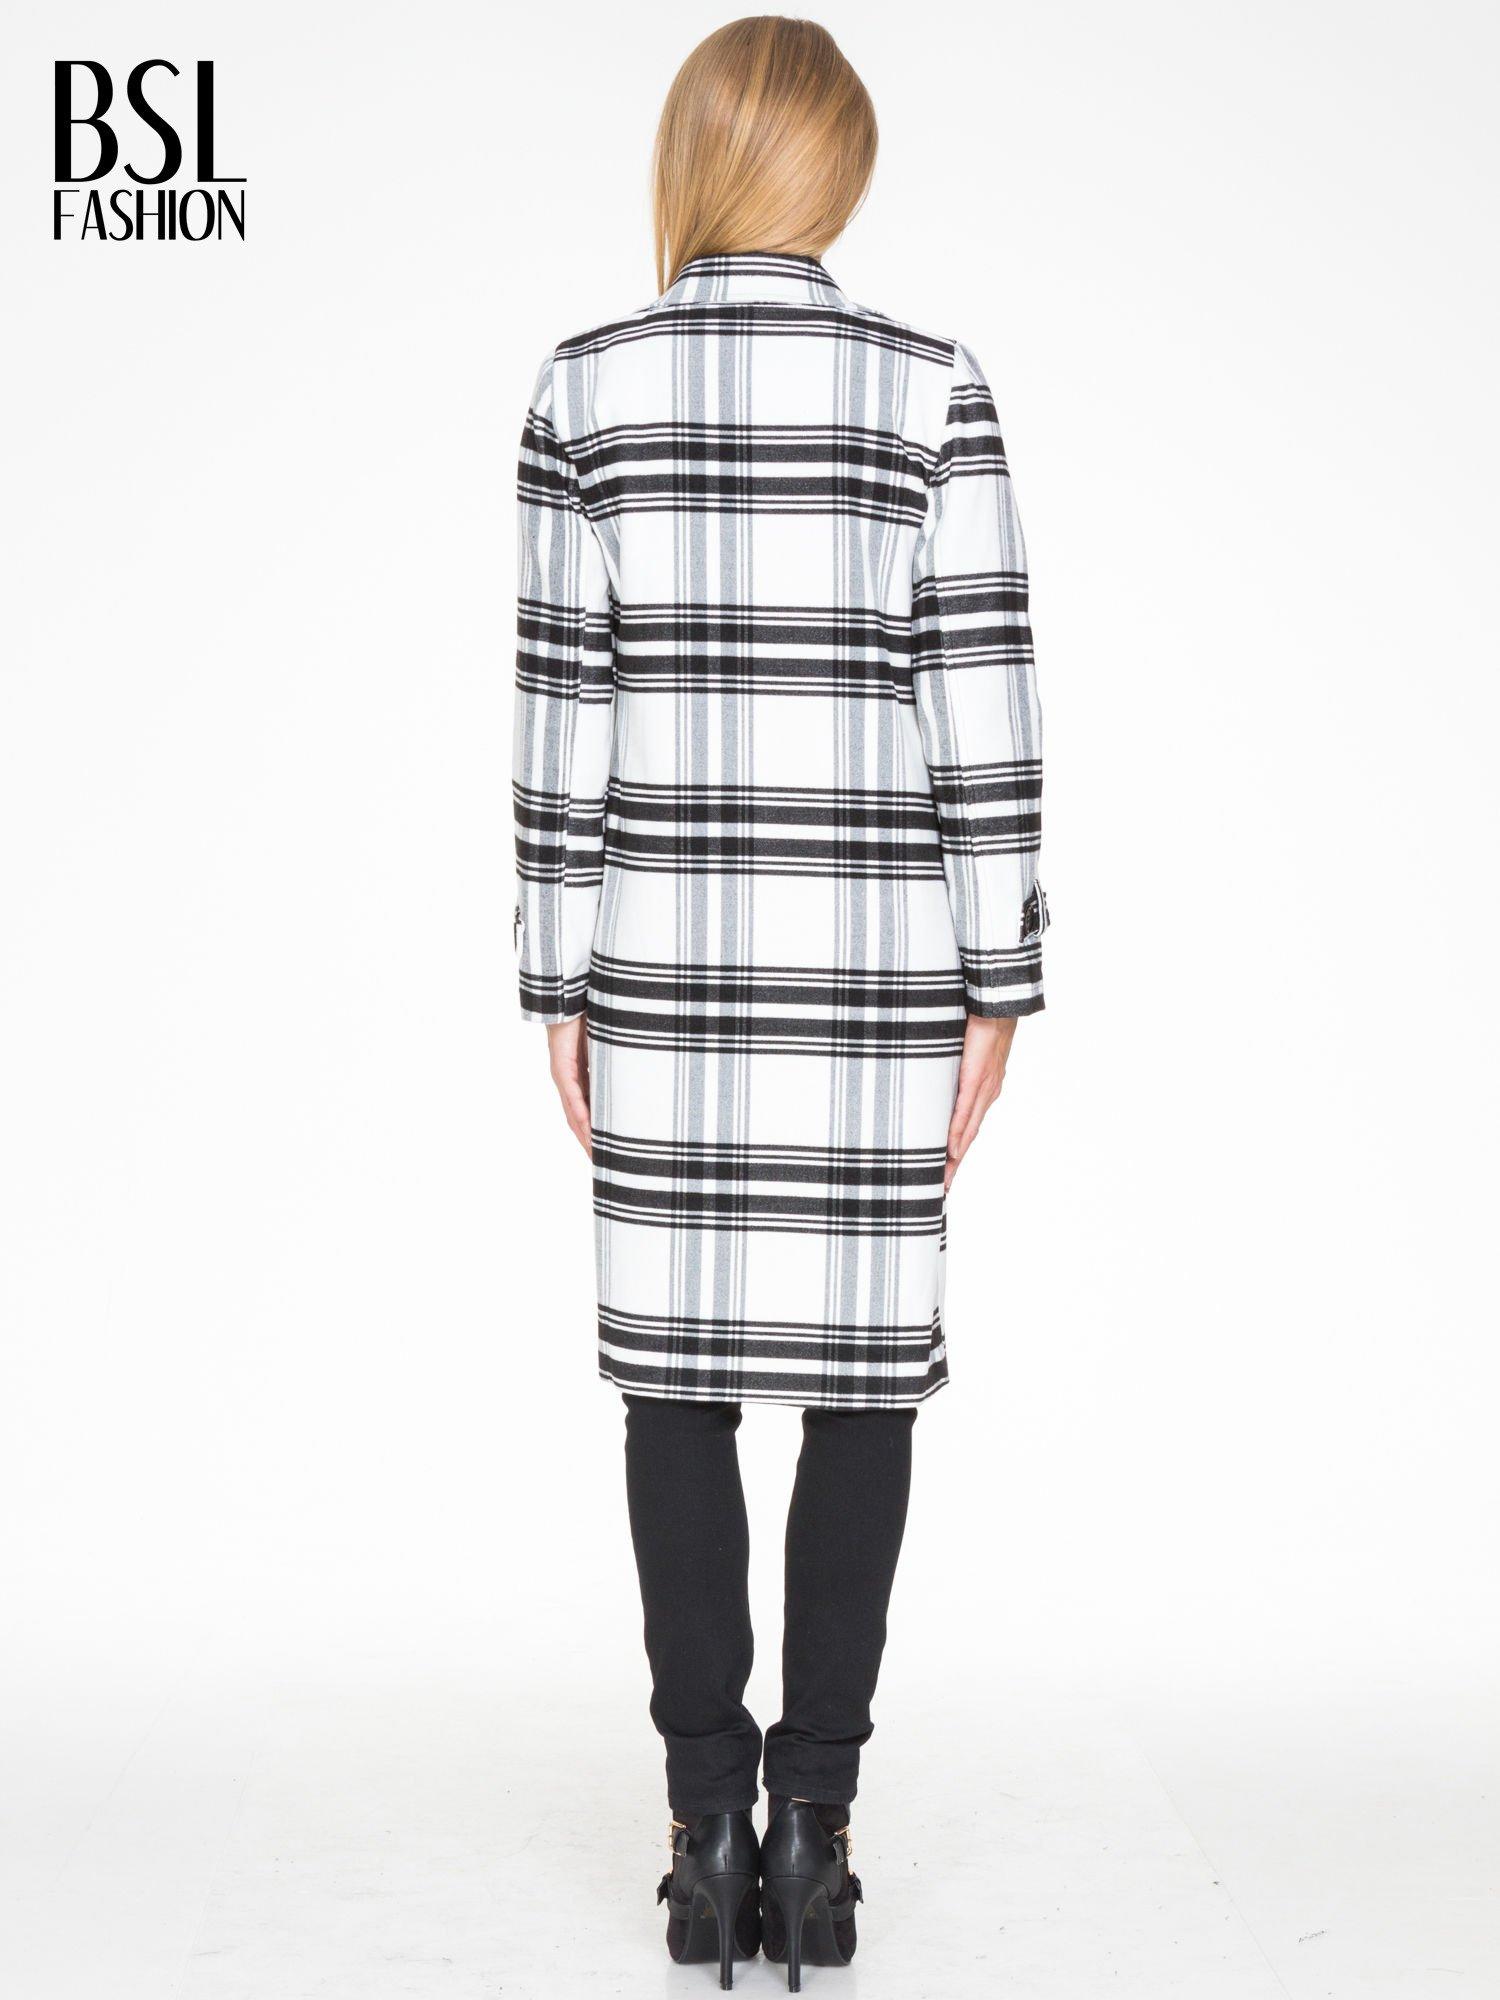 Biało-czarny wełniany płaszcz w kratę zapinany na jeden guzik                                  zdj.                                  2